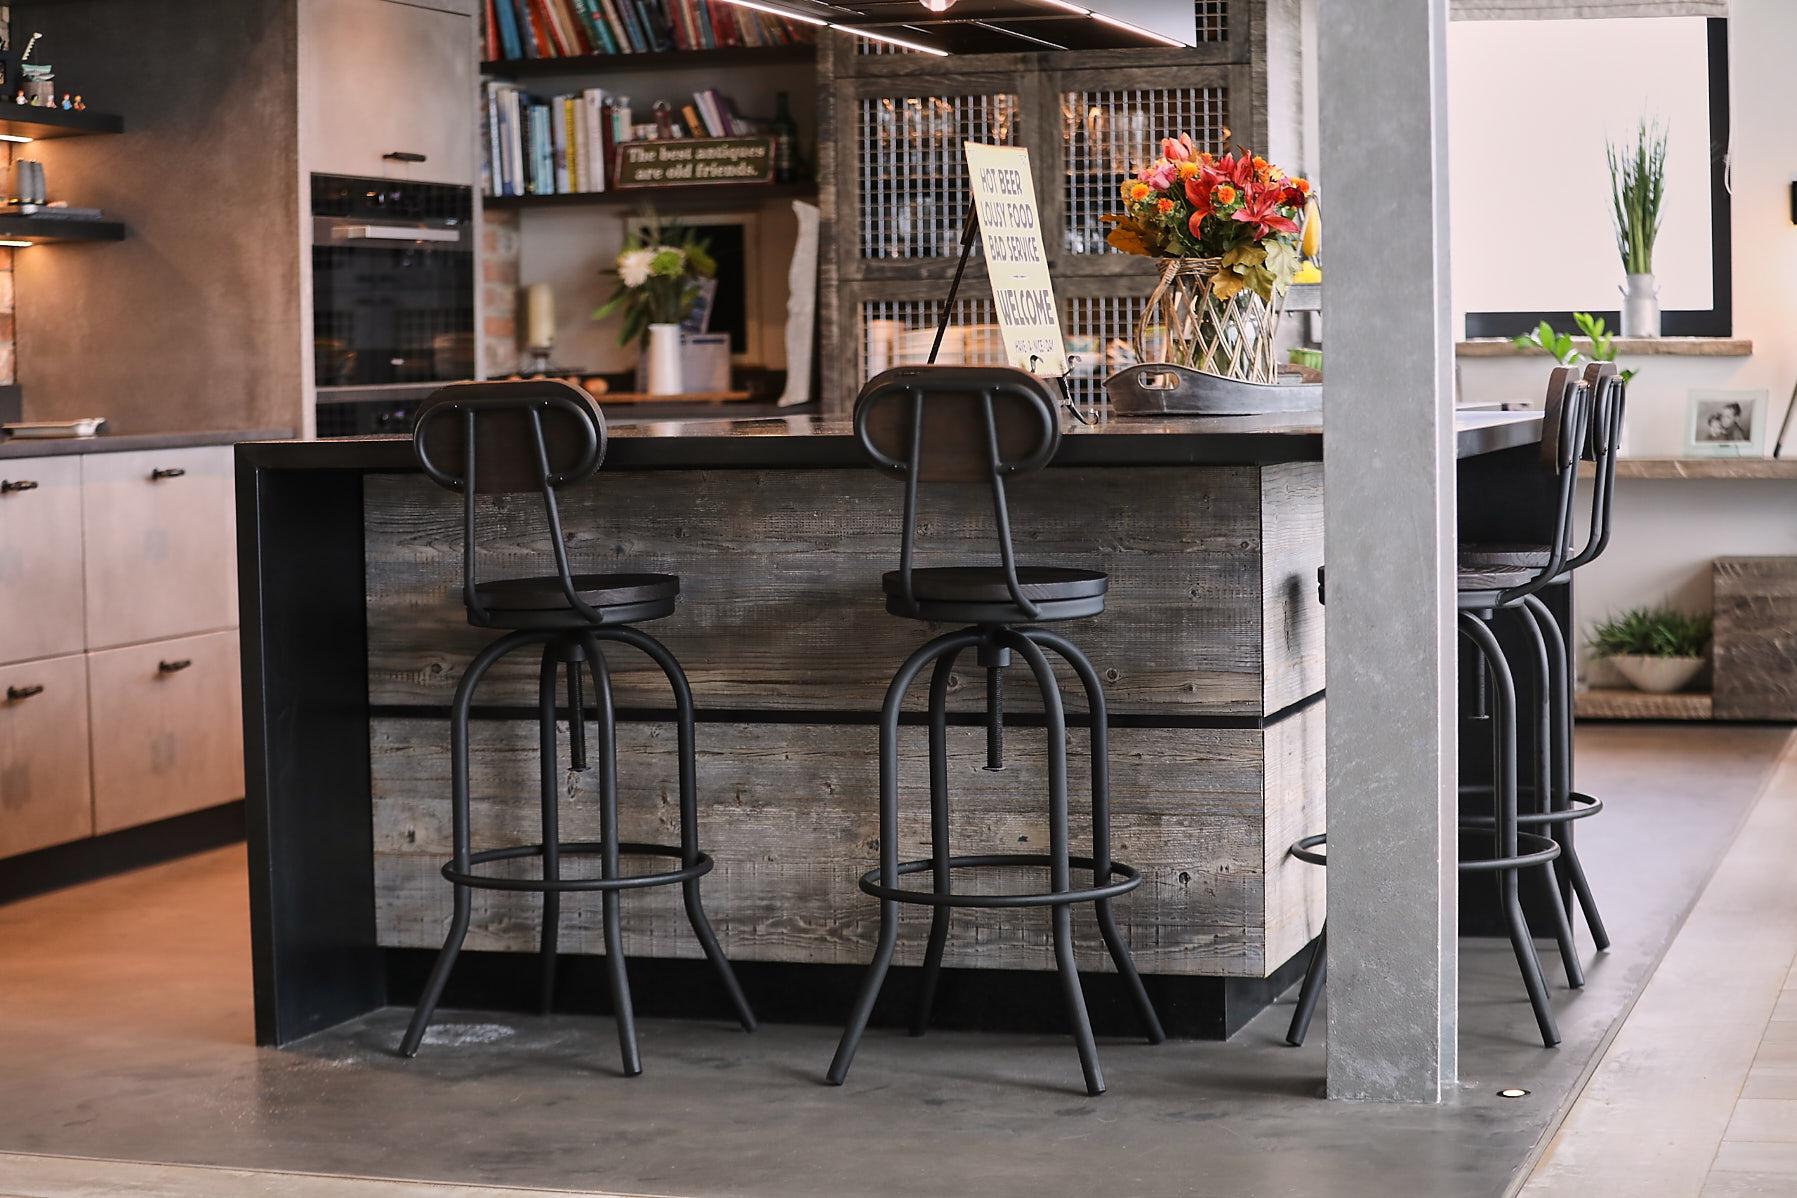 Metal bar stools sit under zinc worktop on kitchen island